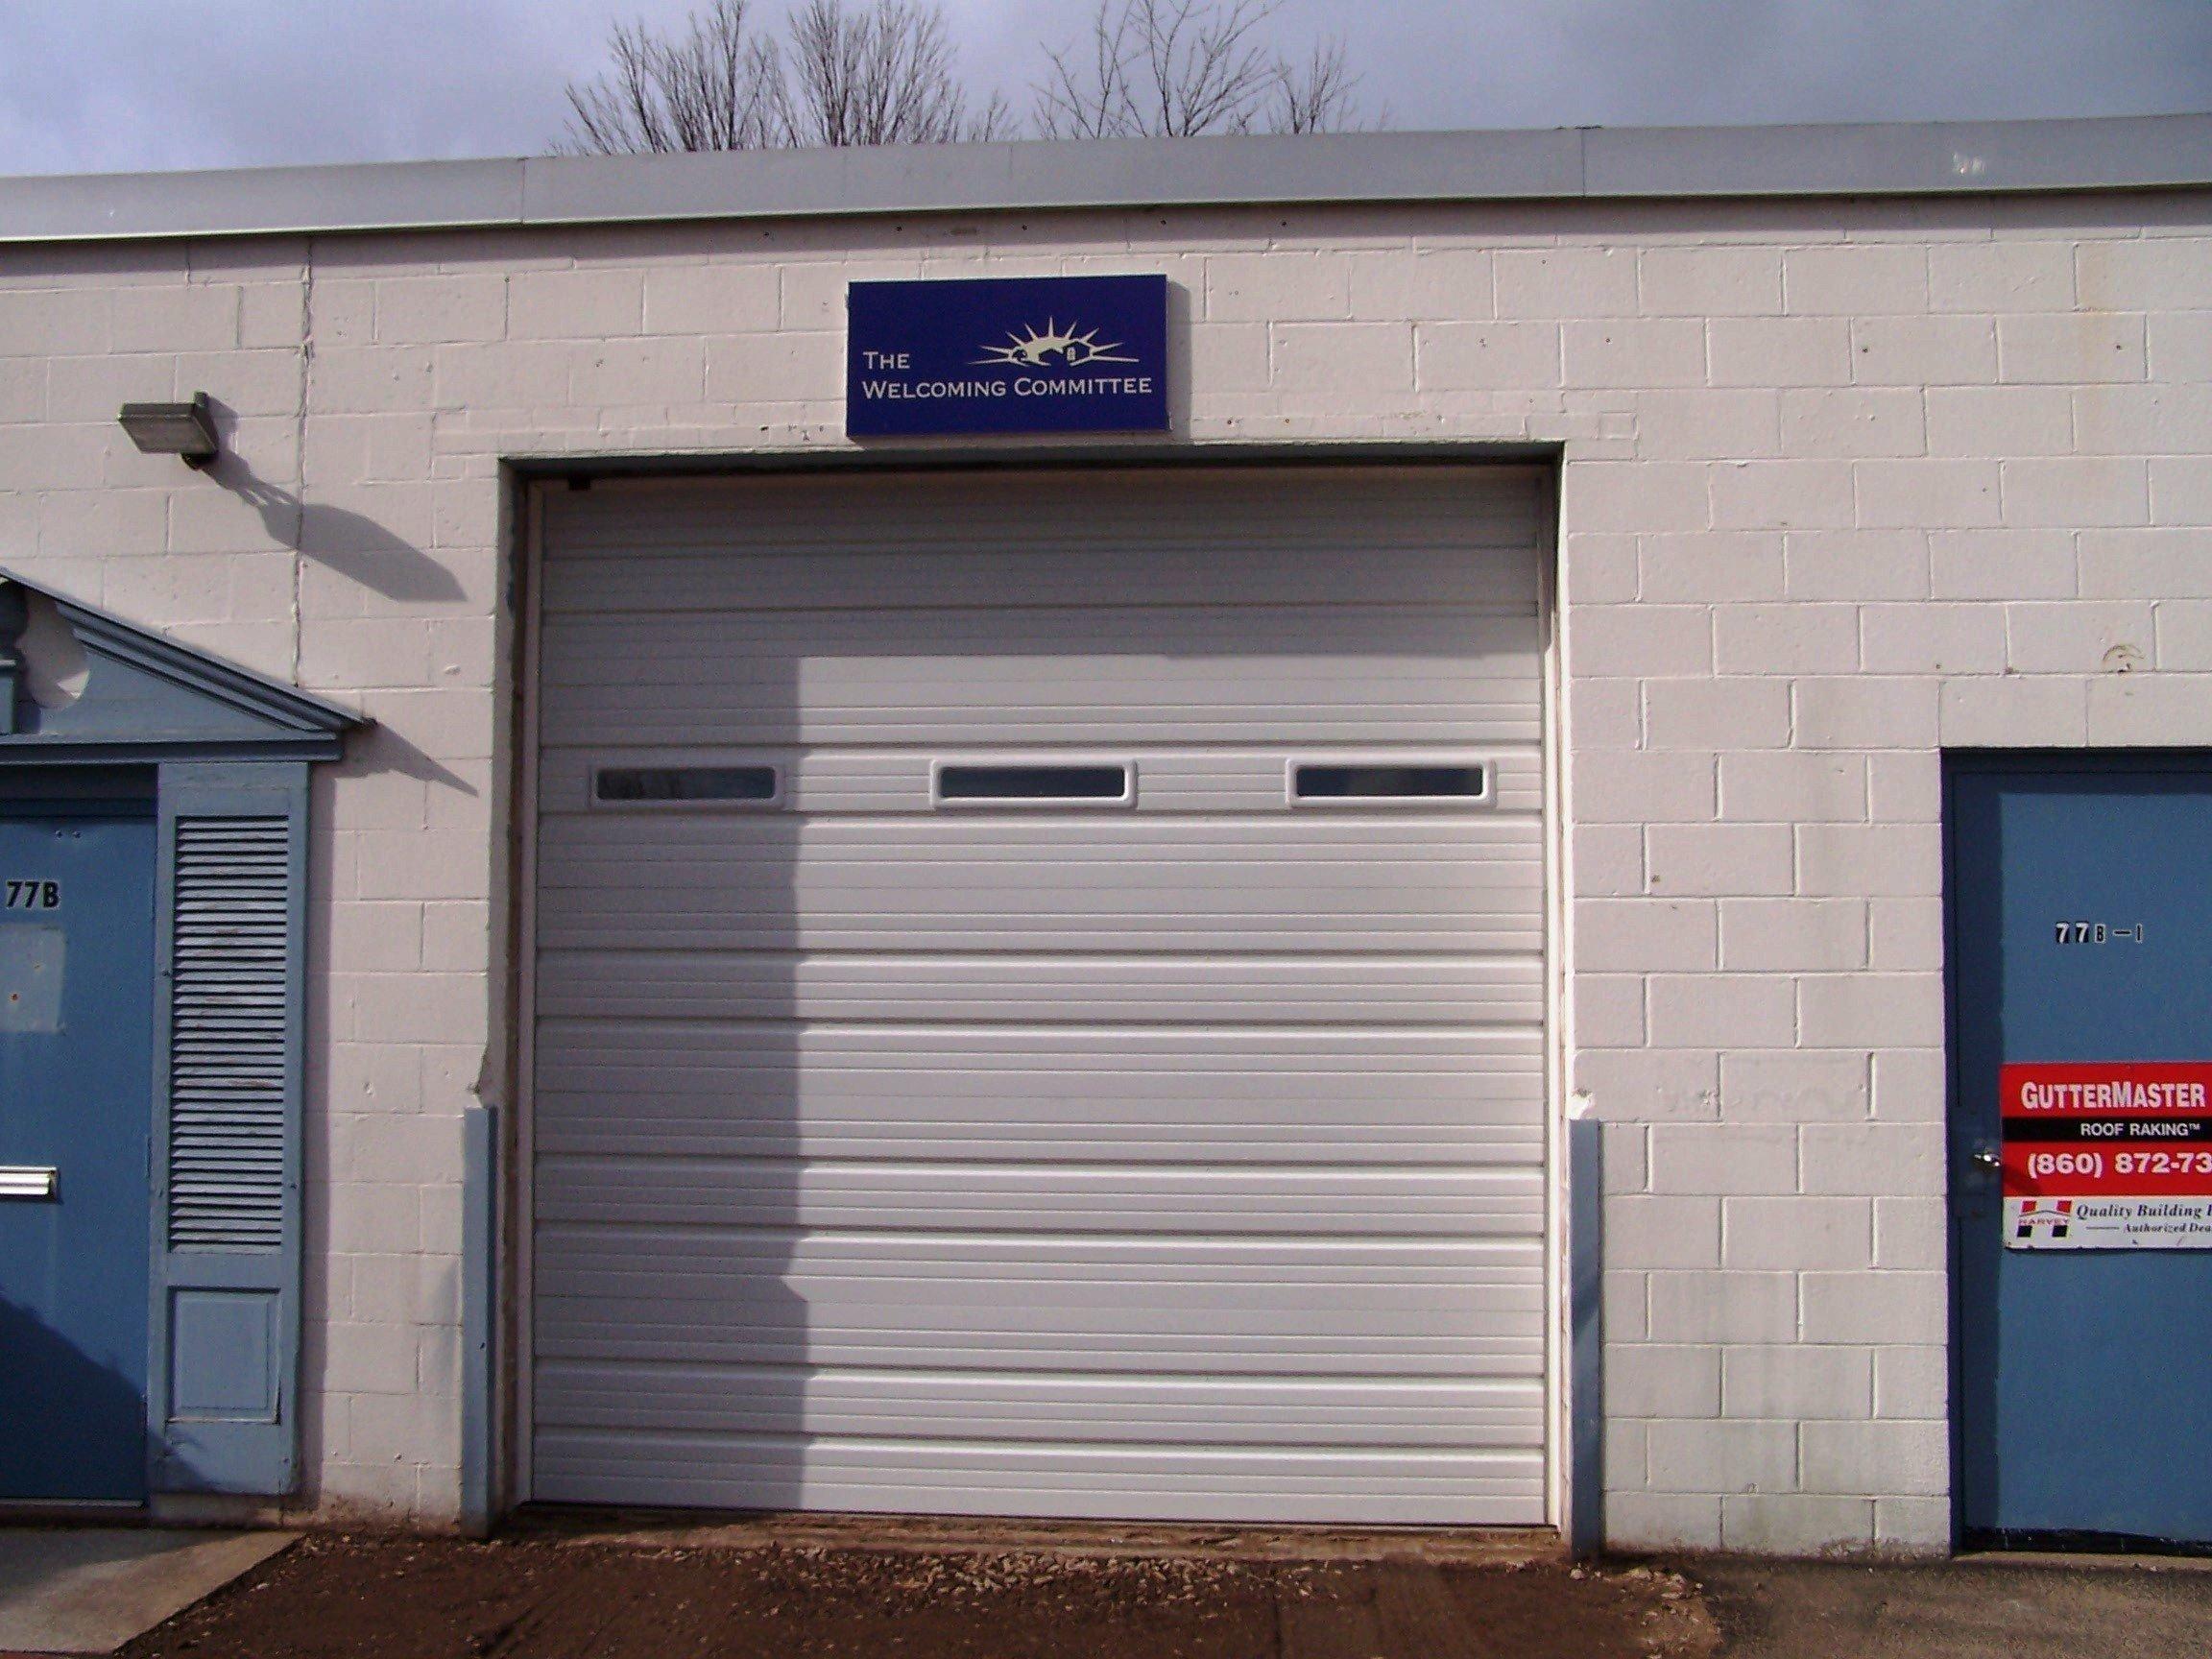 Douglas Garage Door Center Inc Photo Gallery East Hartford. Atrium Doors. Jeld Wen Sliding Door. Home Depot Garage Floor Epoxy. Wine Room Doors. Garage Lighting Led. Paint For Garage Floor Lowes. Home Depot Screen Door. Garage Ceiling Options